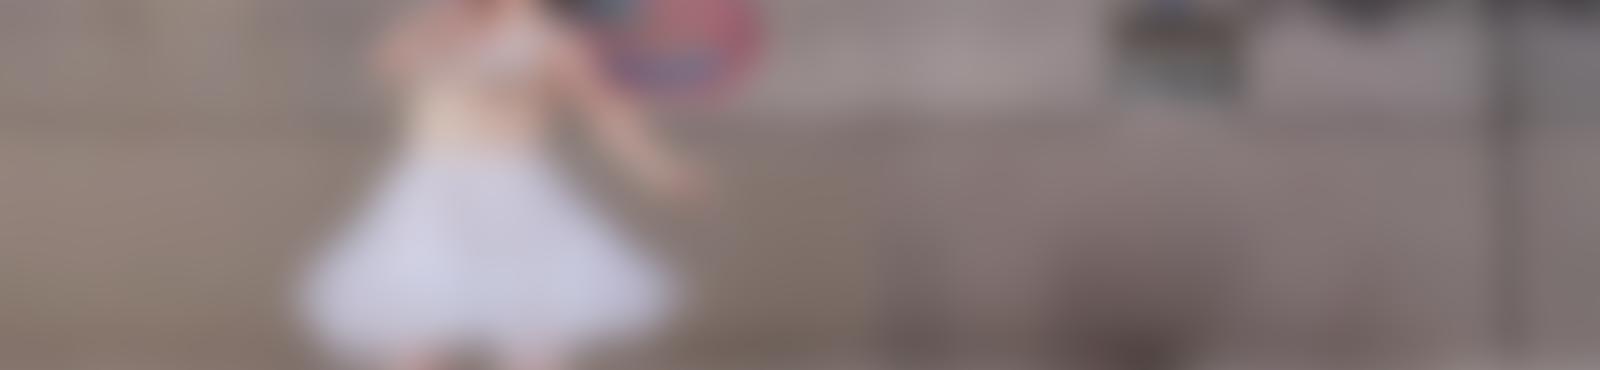 Blurred ffa67637 5cdc 4d9b b0f4 183111228431